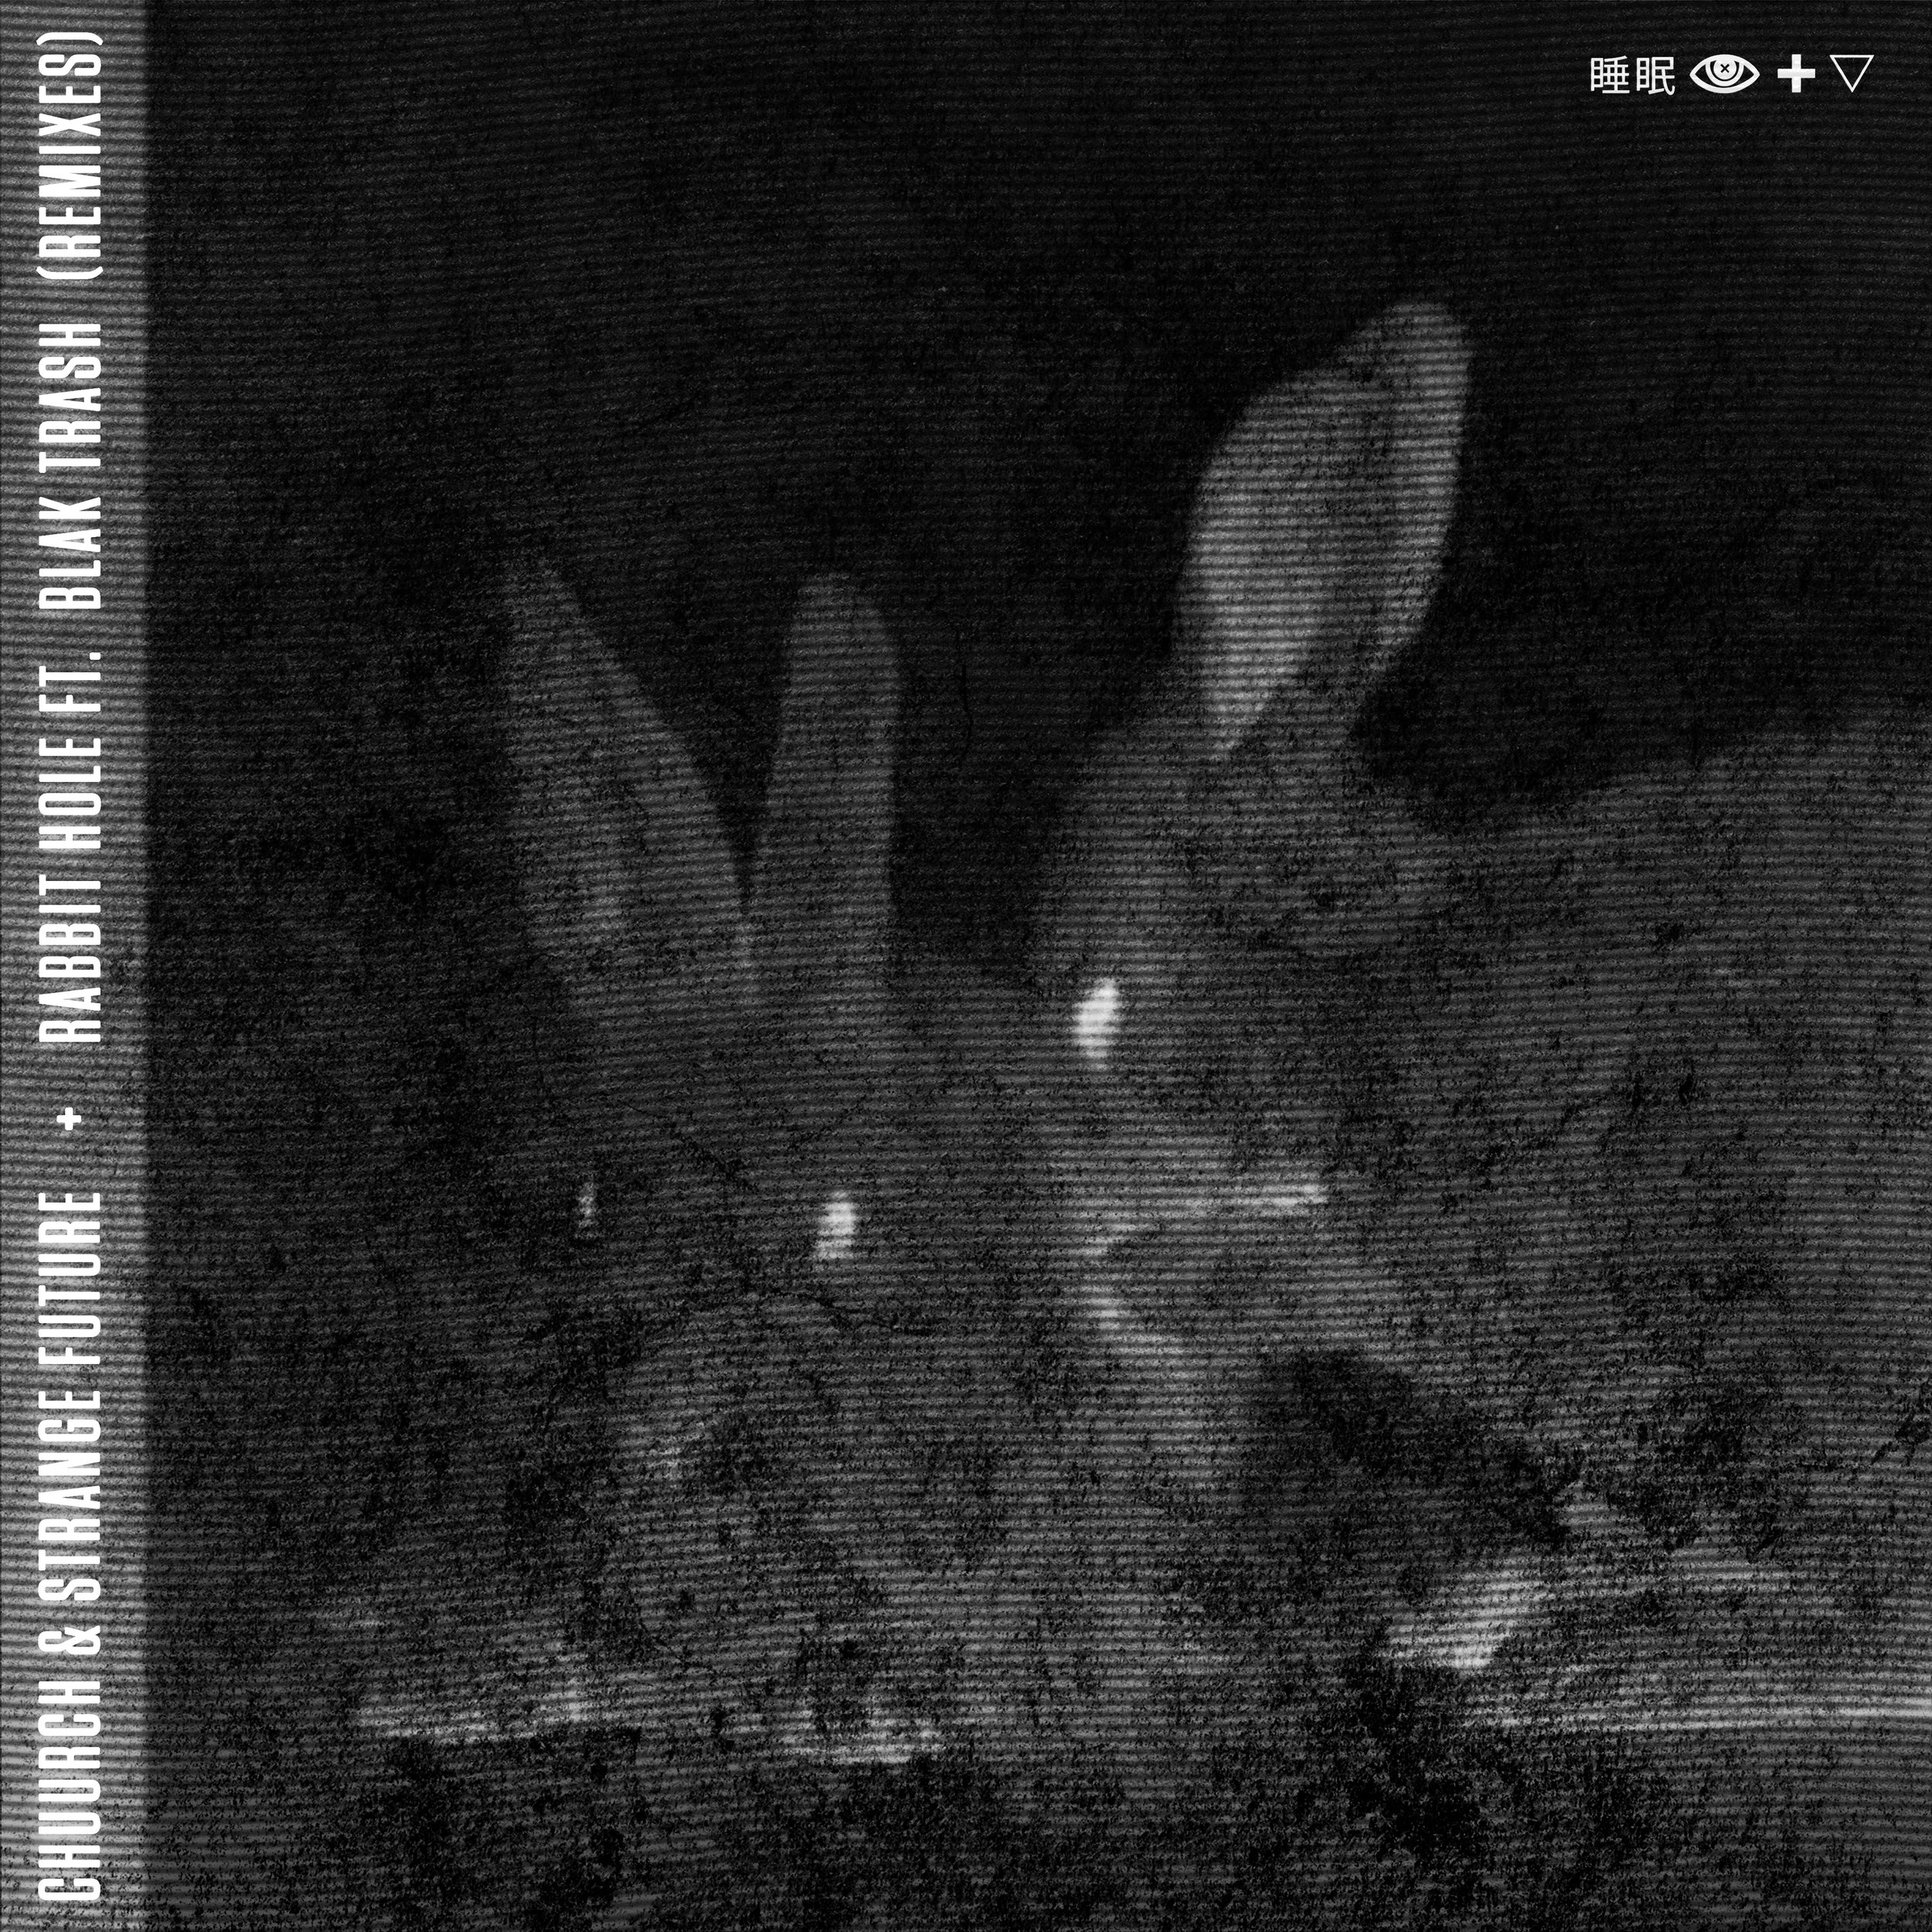 rabbit-hole-remixes-artwork (final).jpg